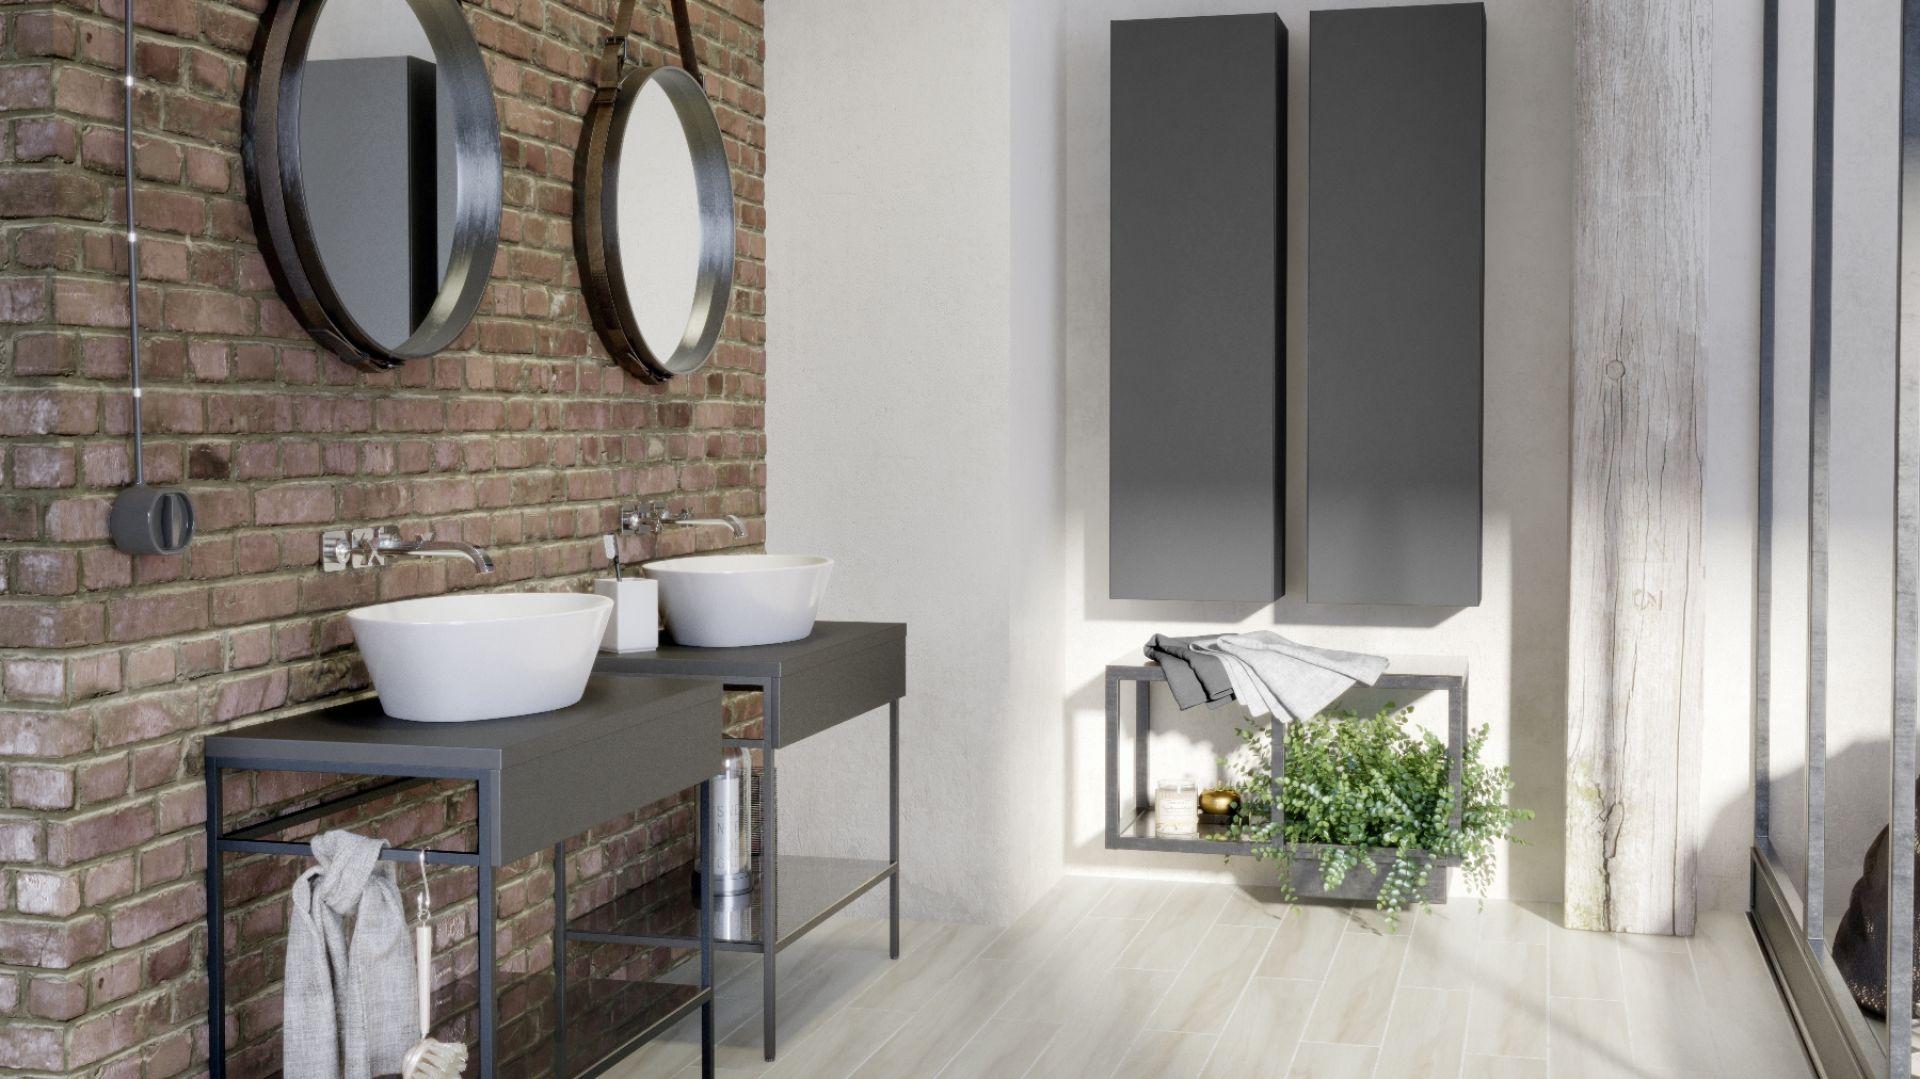 Łazienka w stylu industrialnym według marki Opoczno. Kolekcja łazienkowa Splendour z meblami w matowym, grafitowym kolorze wspartych na metalowych nóżkach. Świetnie prezentują się na tle czerwonej cegły. Fot. Opoczno